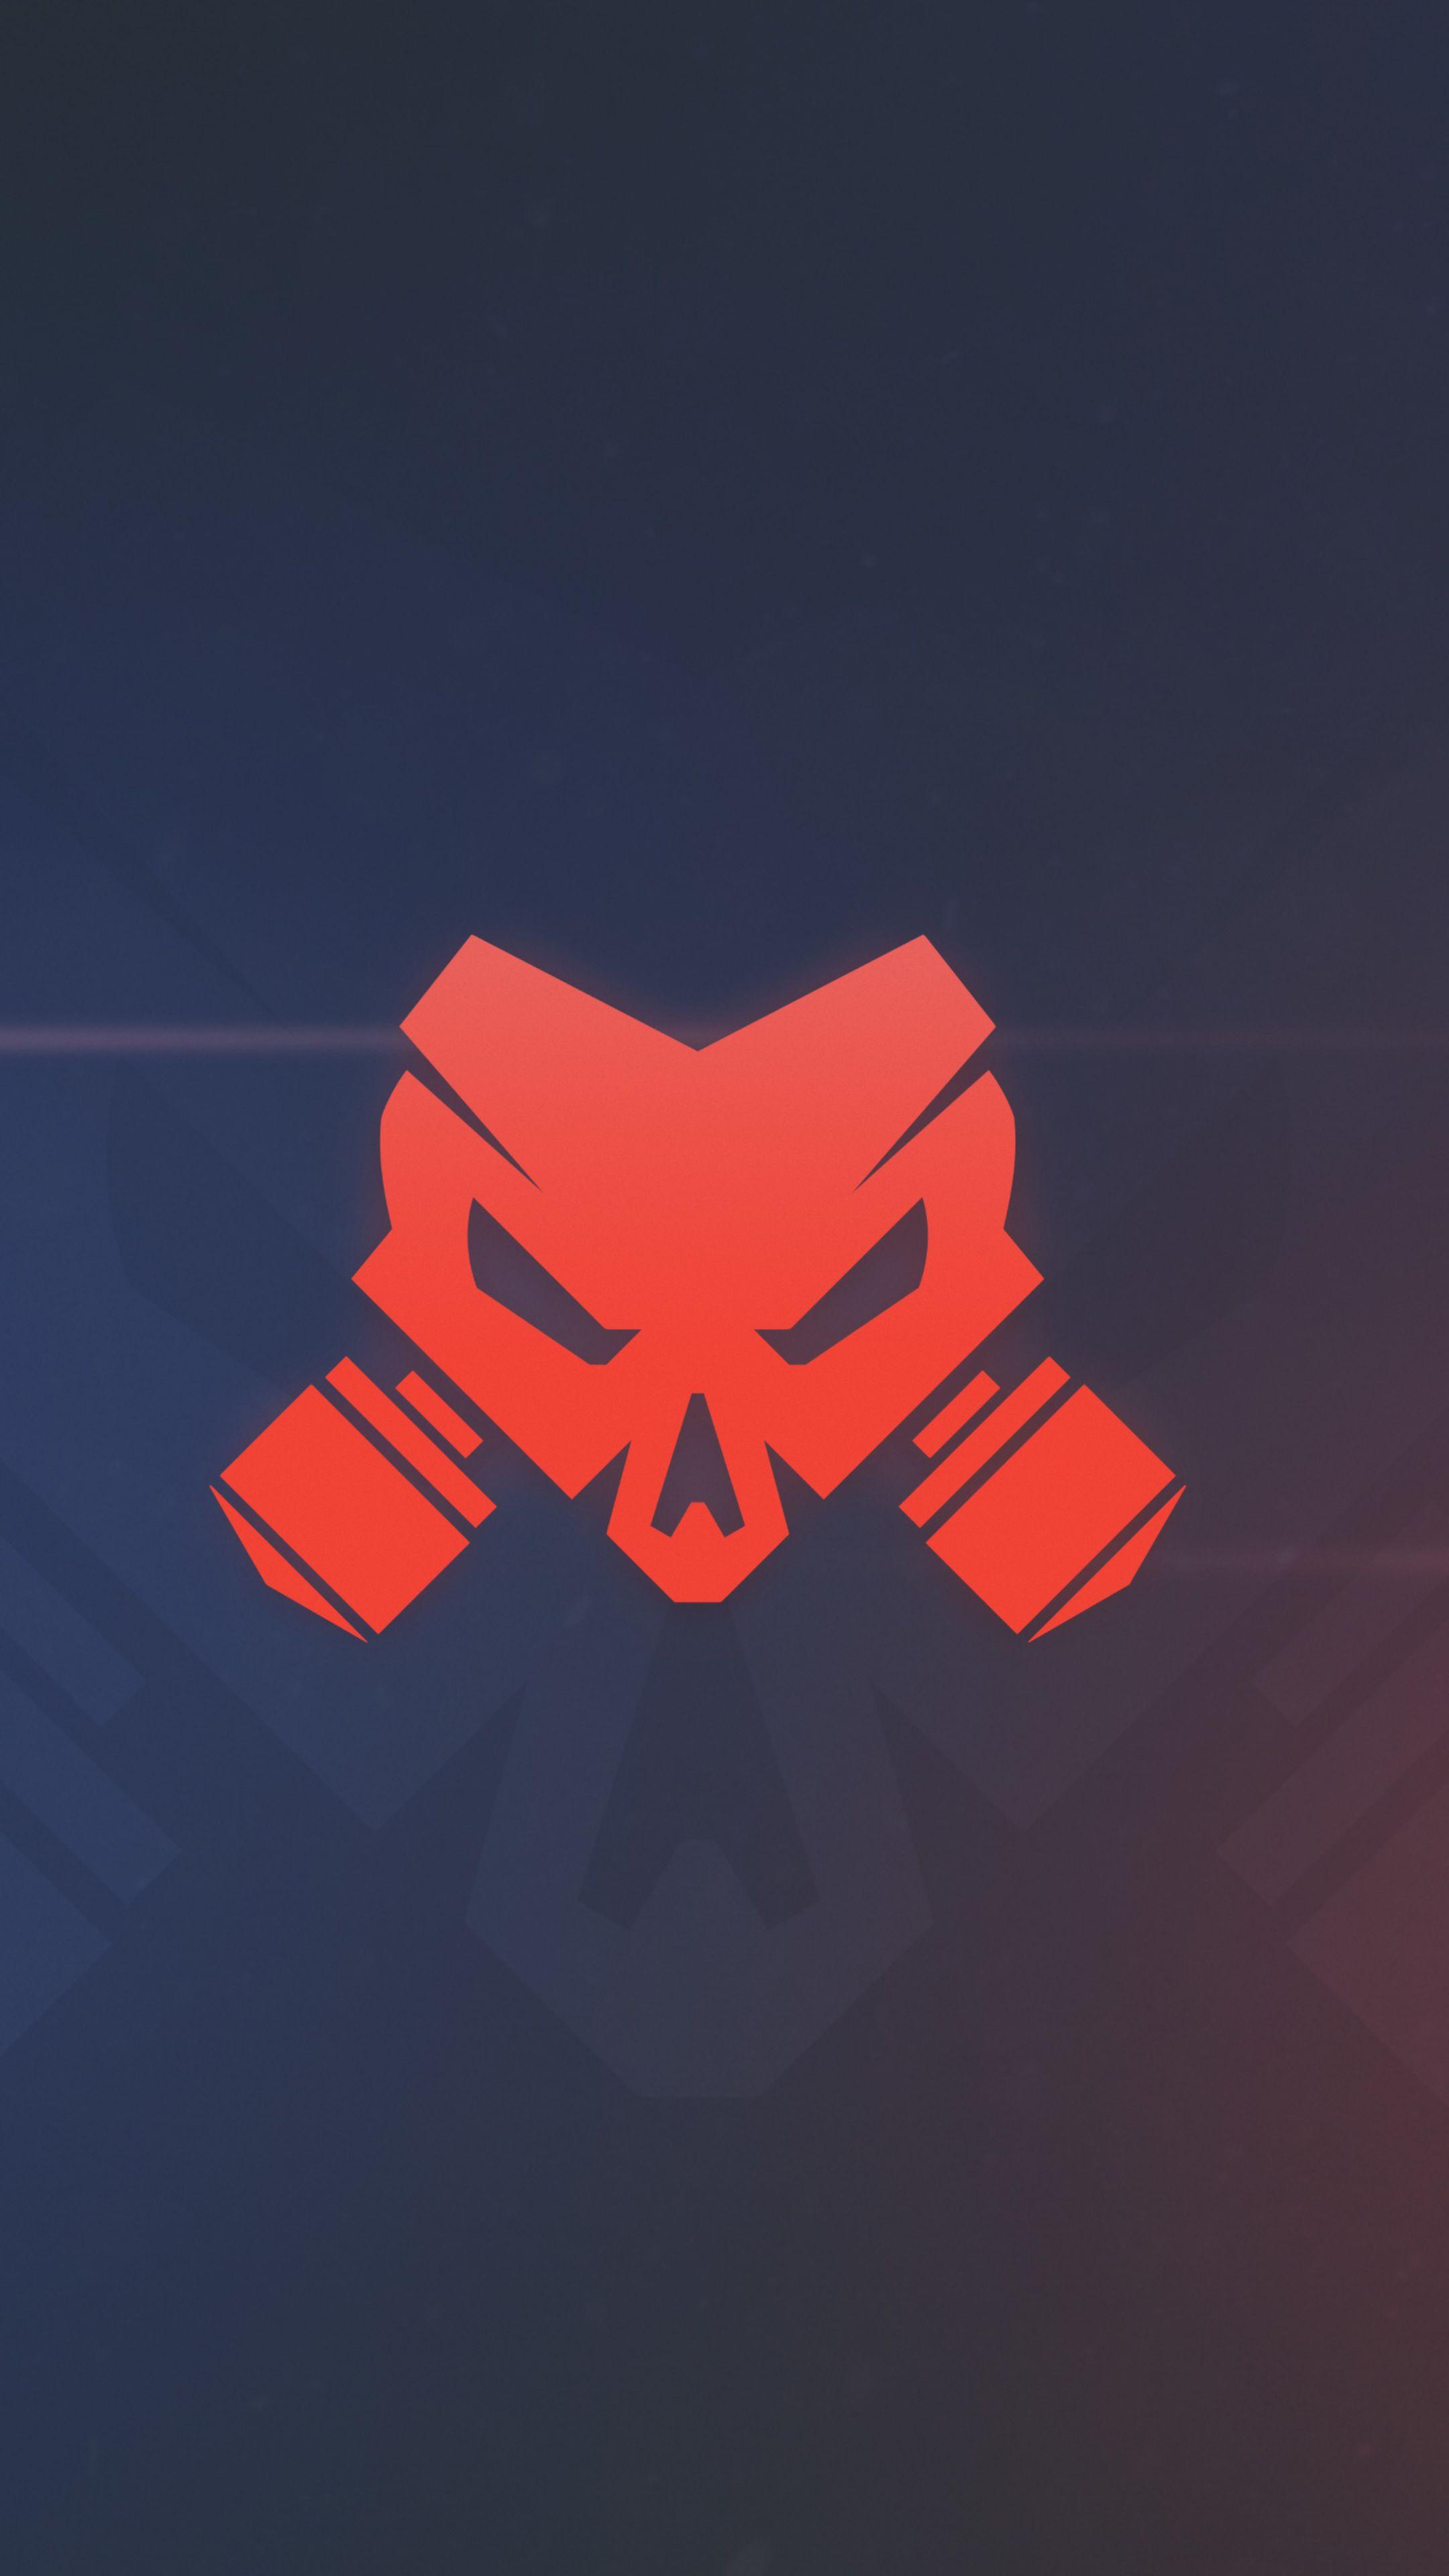 Misc Rainbow Six Siege Operation Chimera Logo Minimalism 4k Wallpapers Hd 4k Background For Android Papeis De Parede De Jogos Arte De Jogos Arte Com Caveira